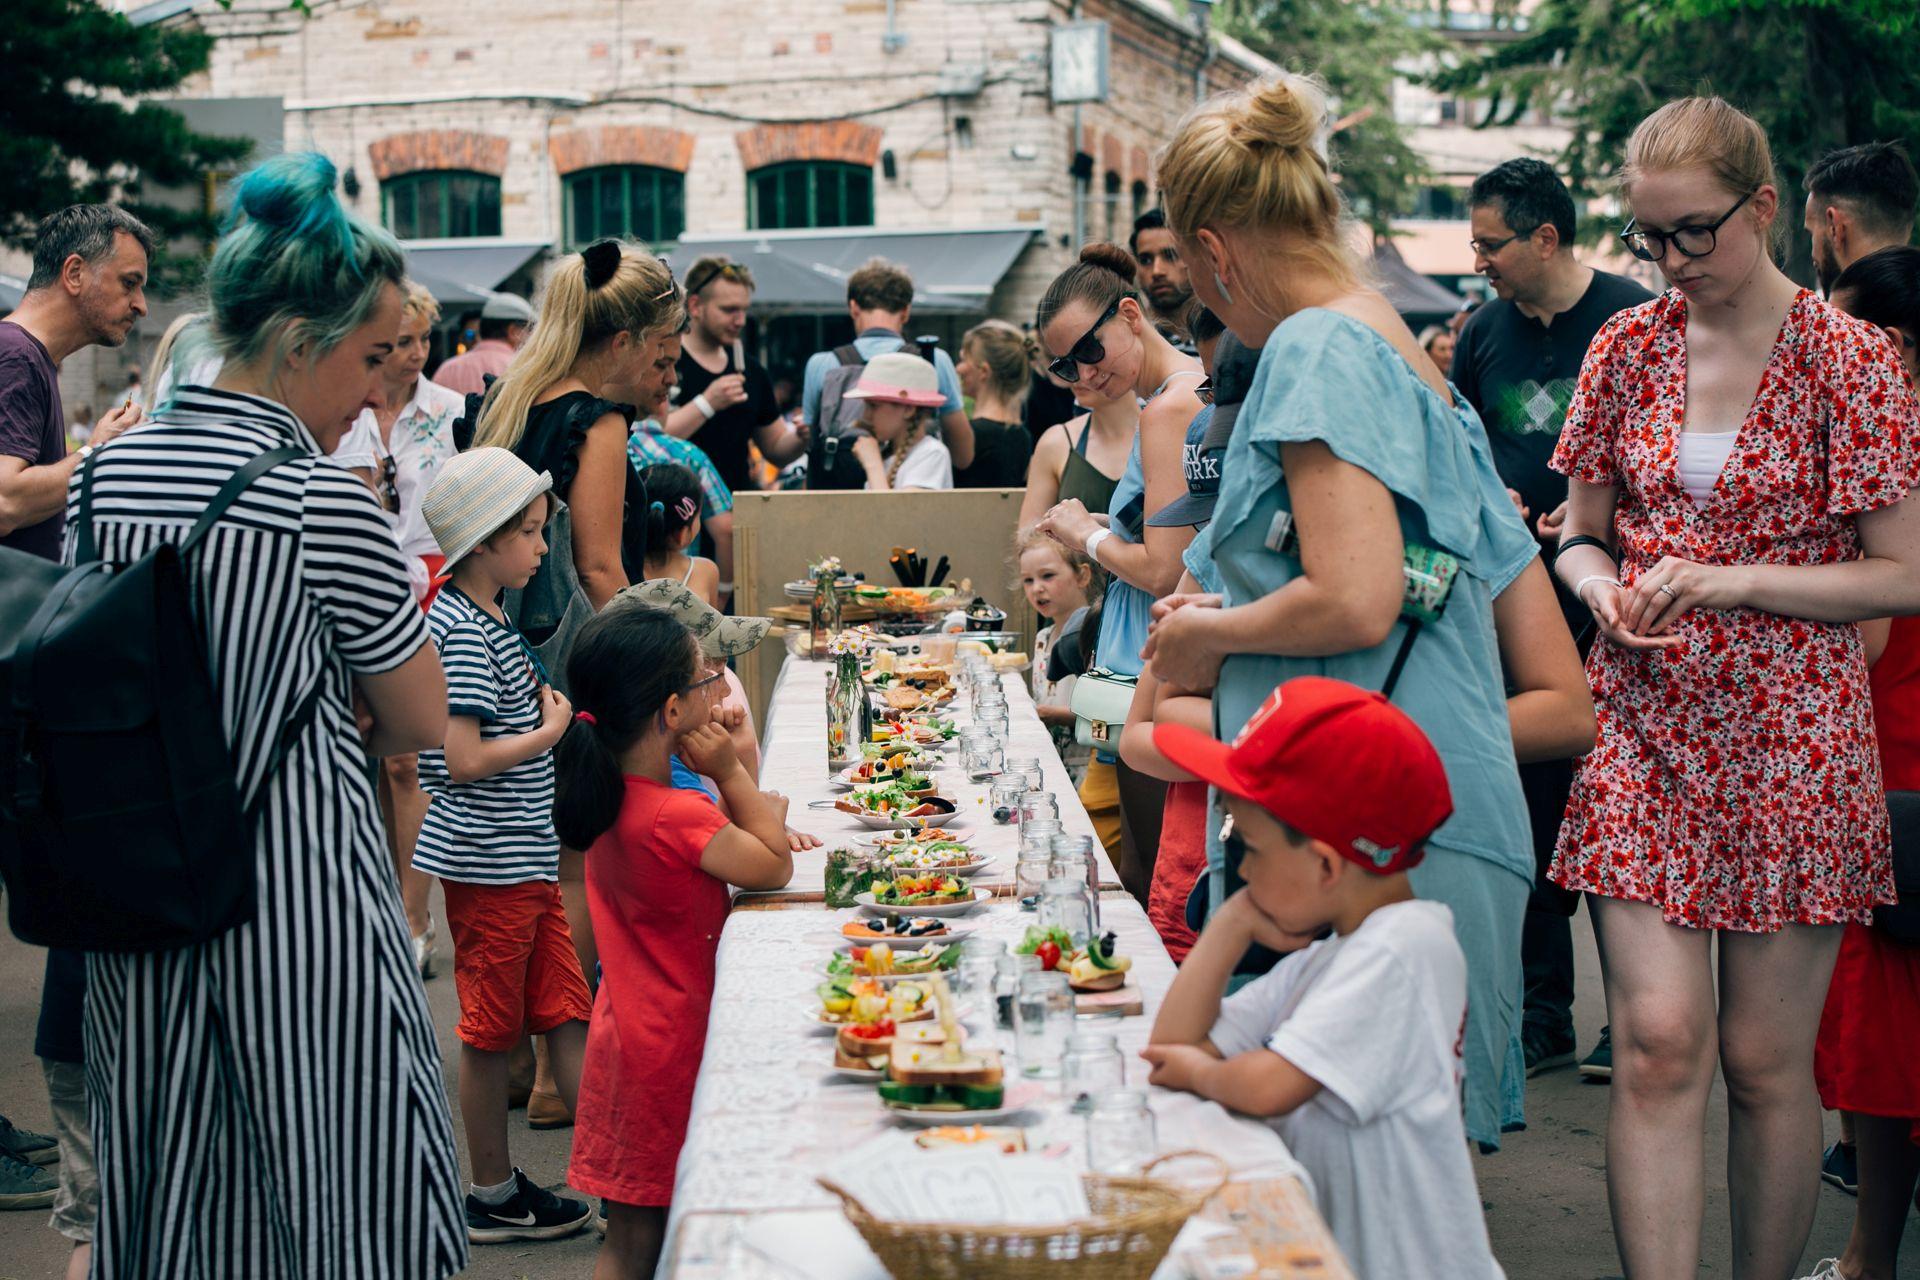 GALERII! Vaata, kes nautisid eile alanud Tallinna Tänavatoidufestivali toidu- ja muusikamenüüd